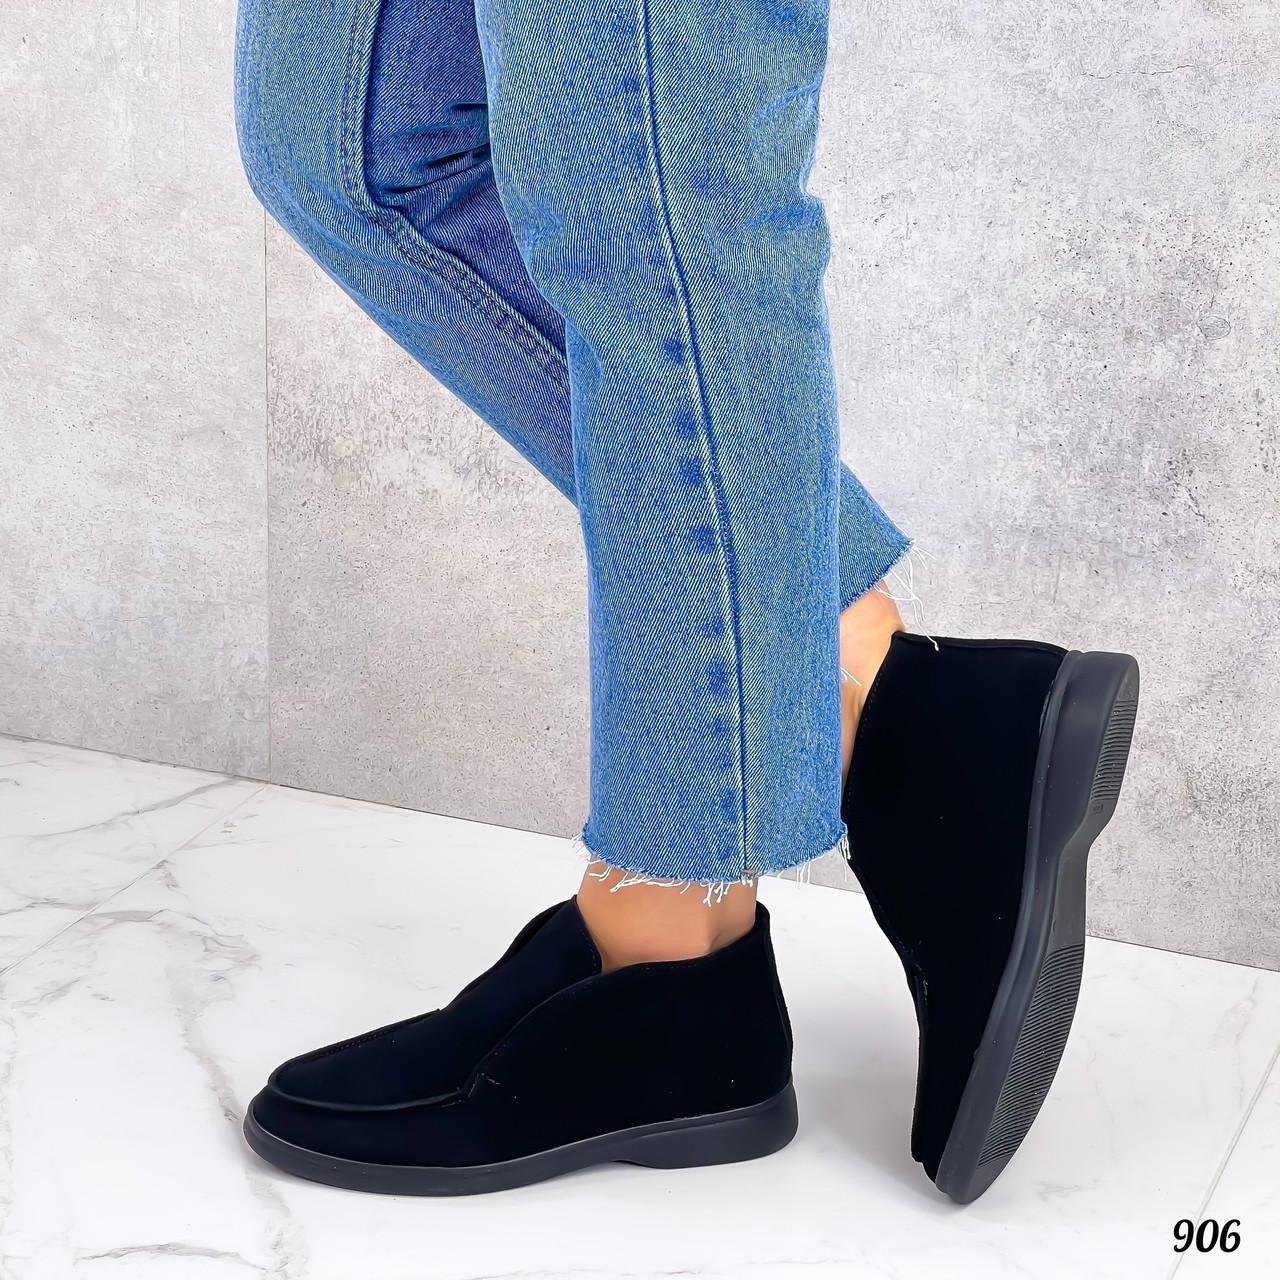 Женские замшевые высокие туфли лоферы 36-40 р чёрный